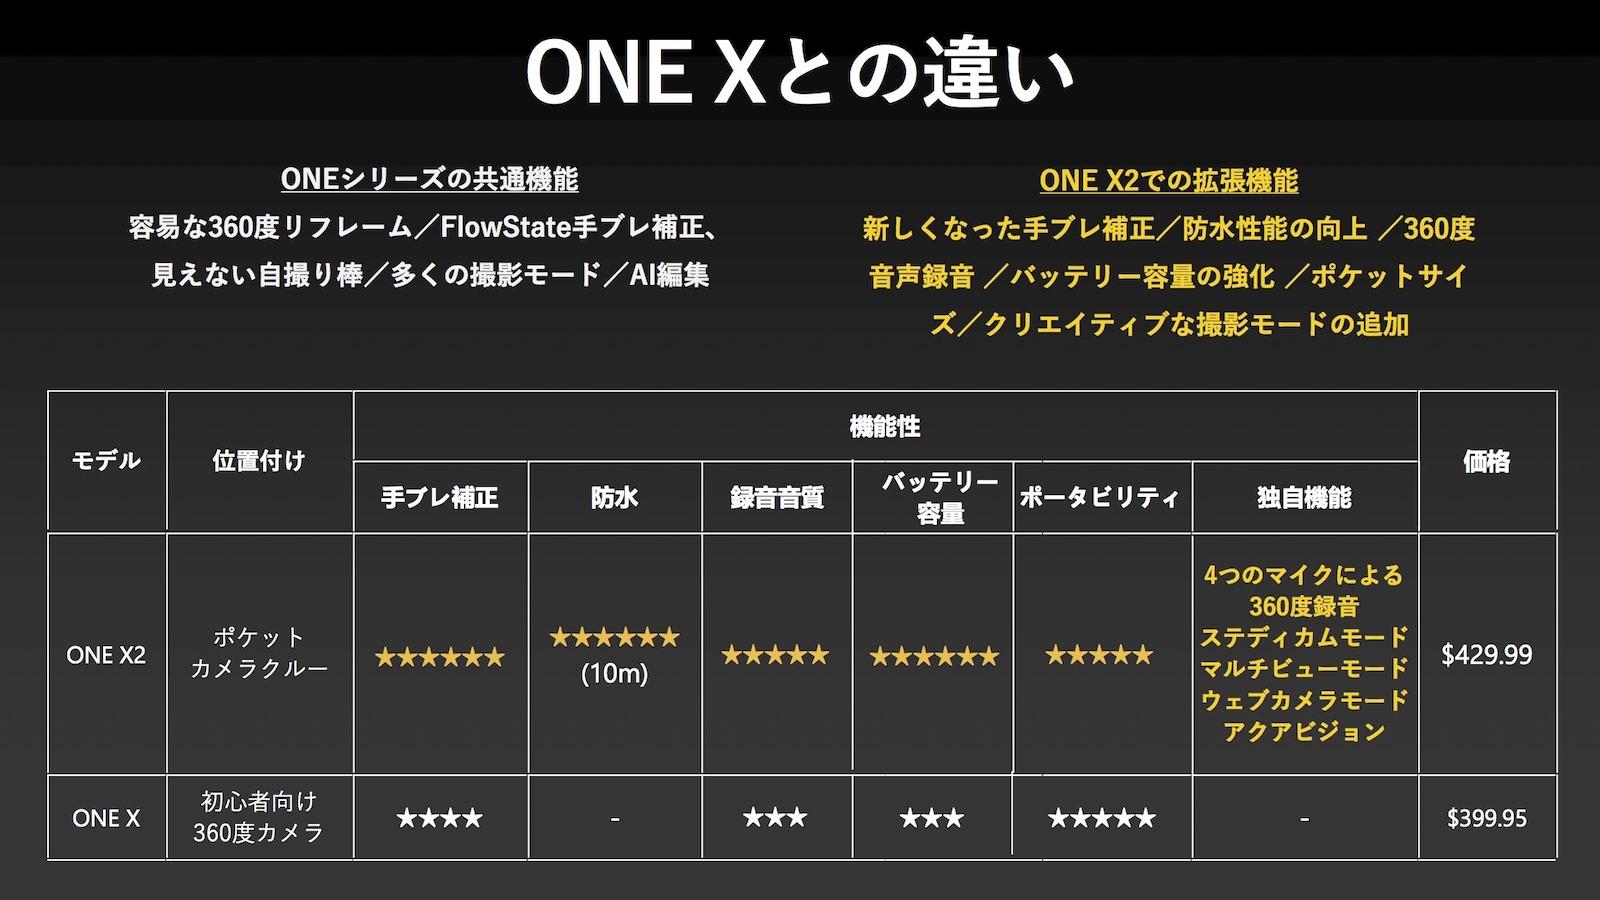 Onex2 comparison